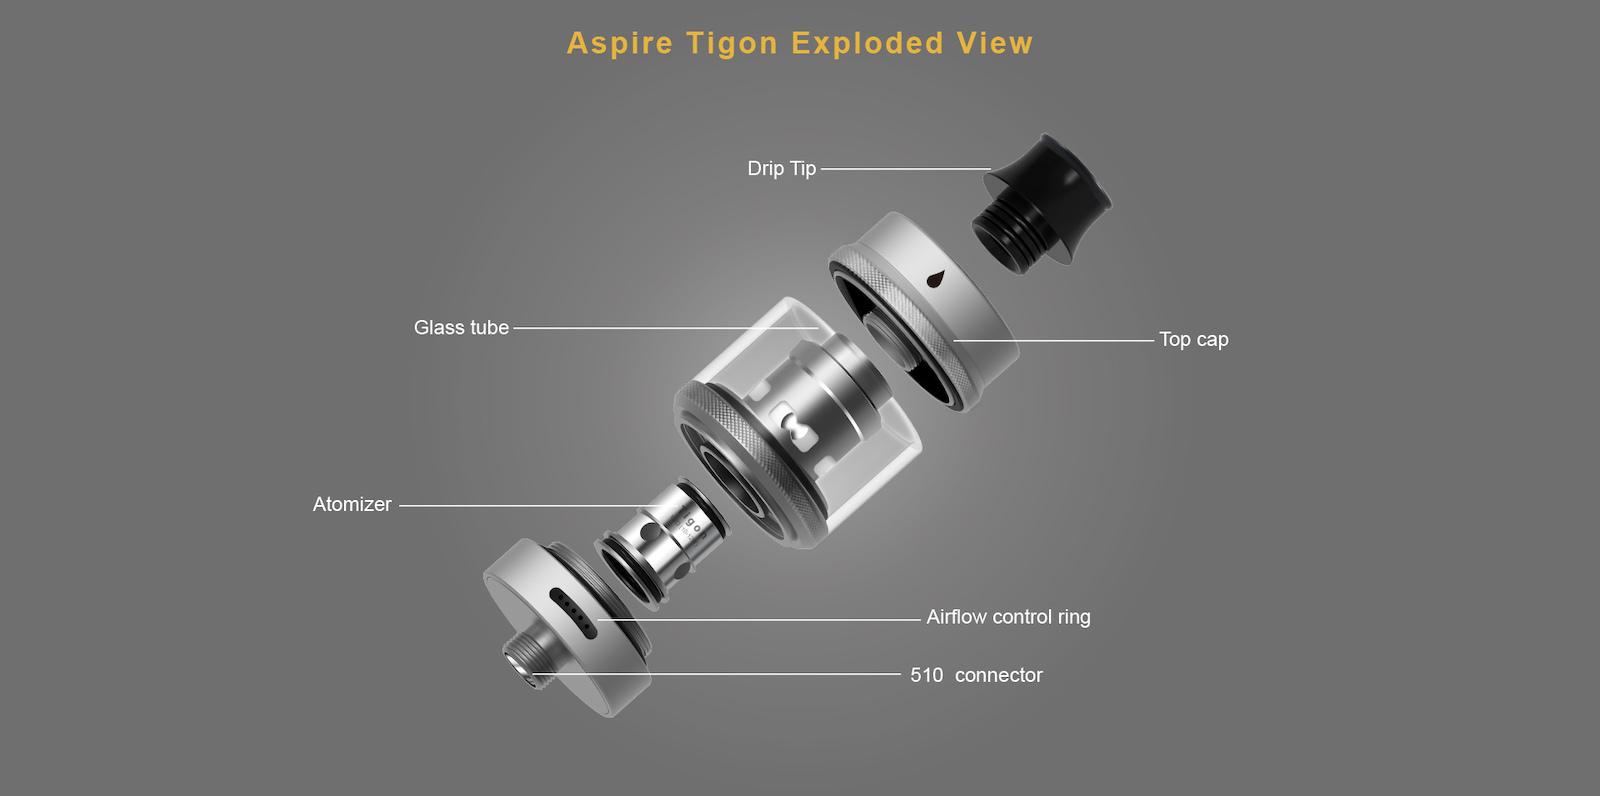 Αποτέλεσμα εικόνας για Aspire Tigon Tank